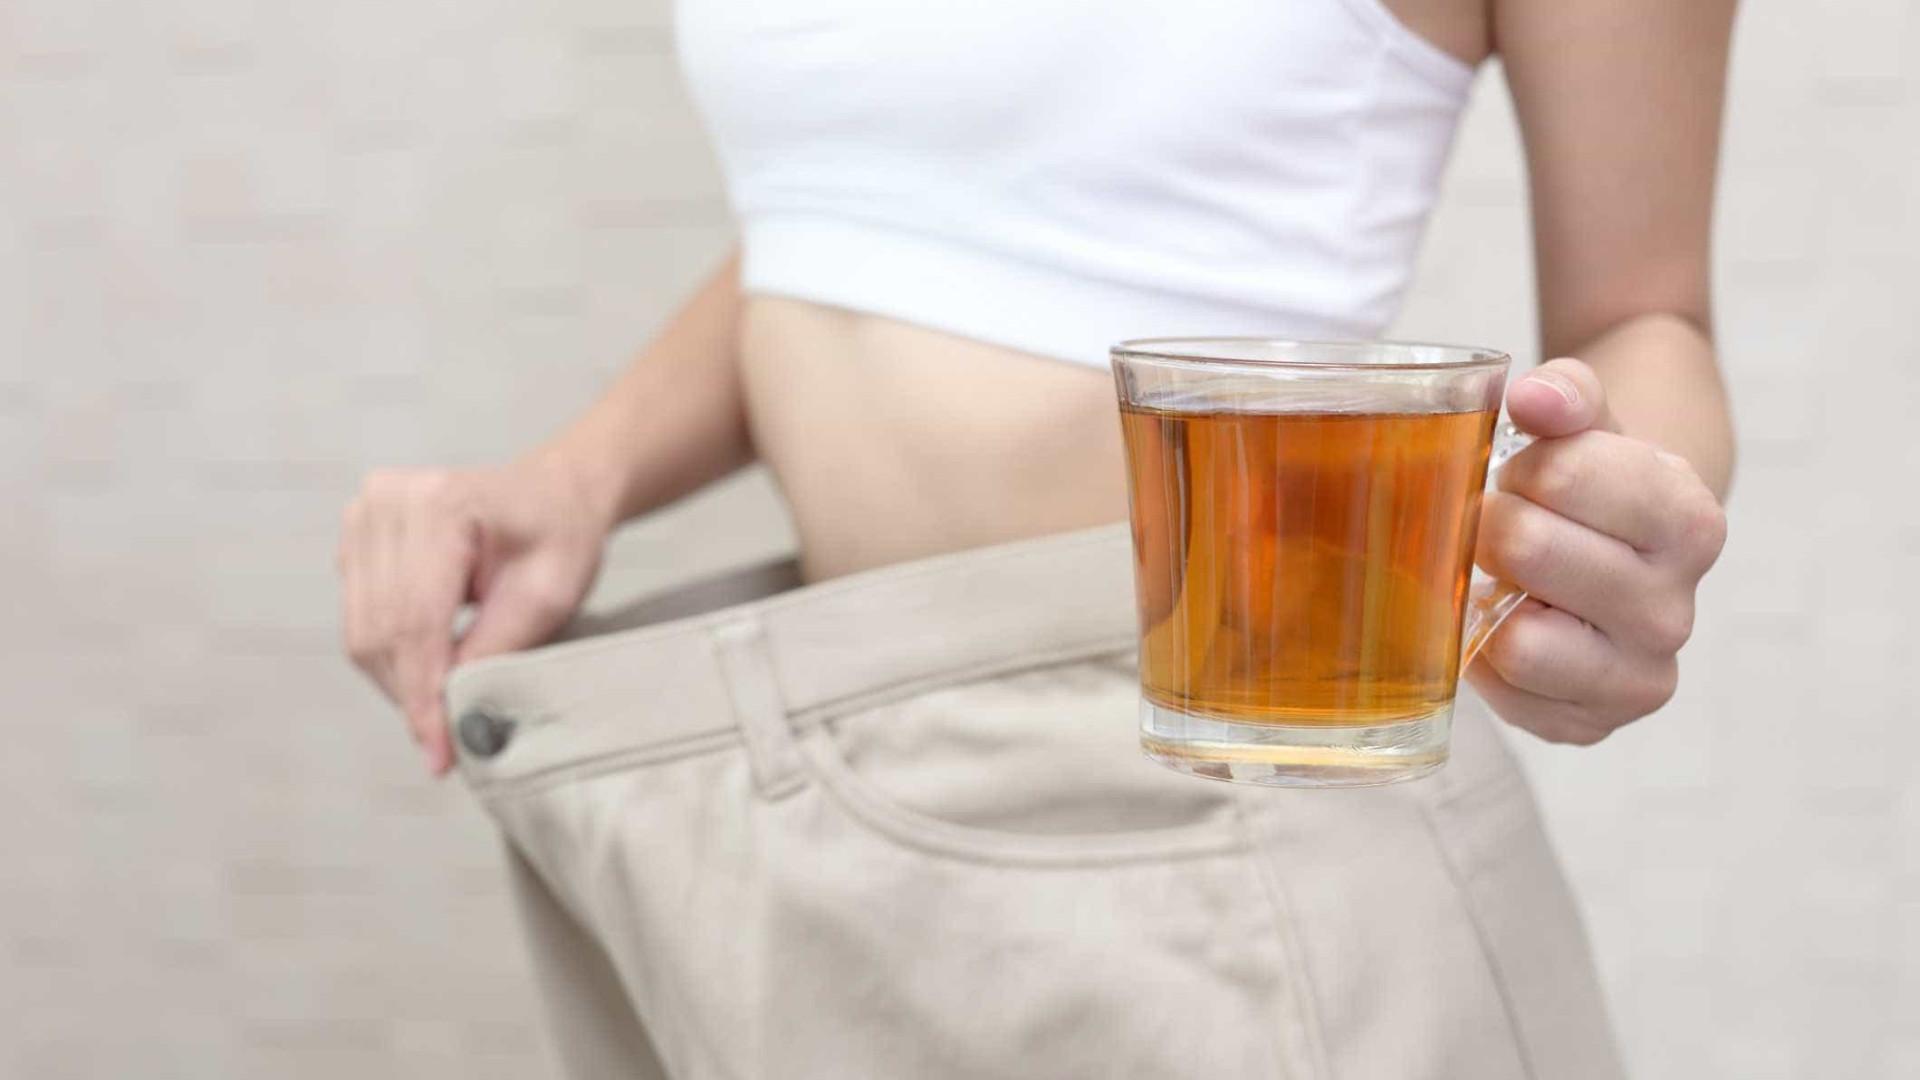 Conhece os riscos de tomar chás para emagrecer?